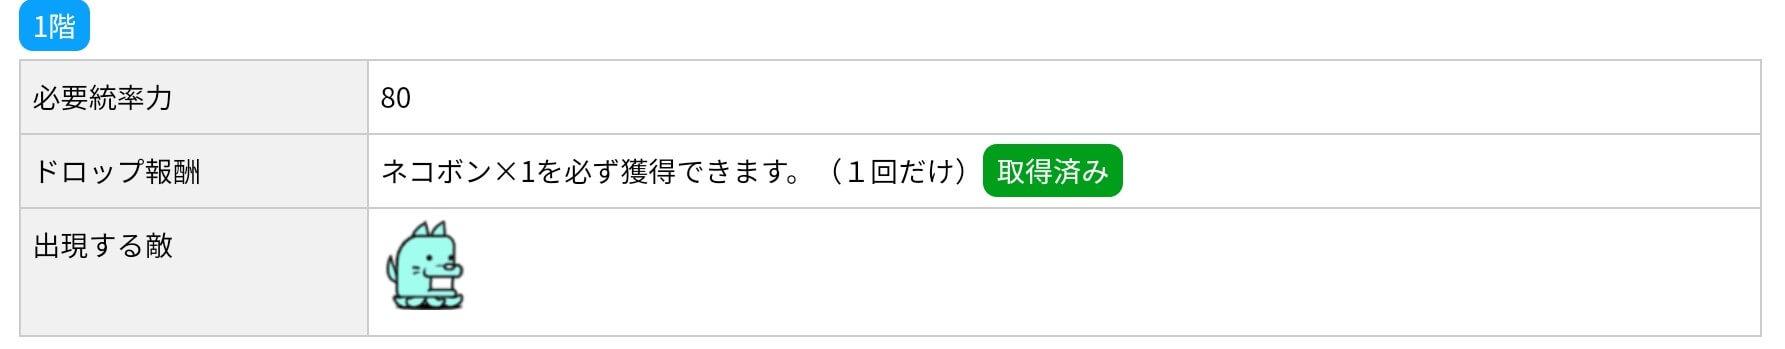 にゃんこ別塔(蒼)1階 敵編成